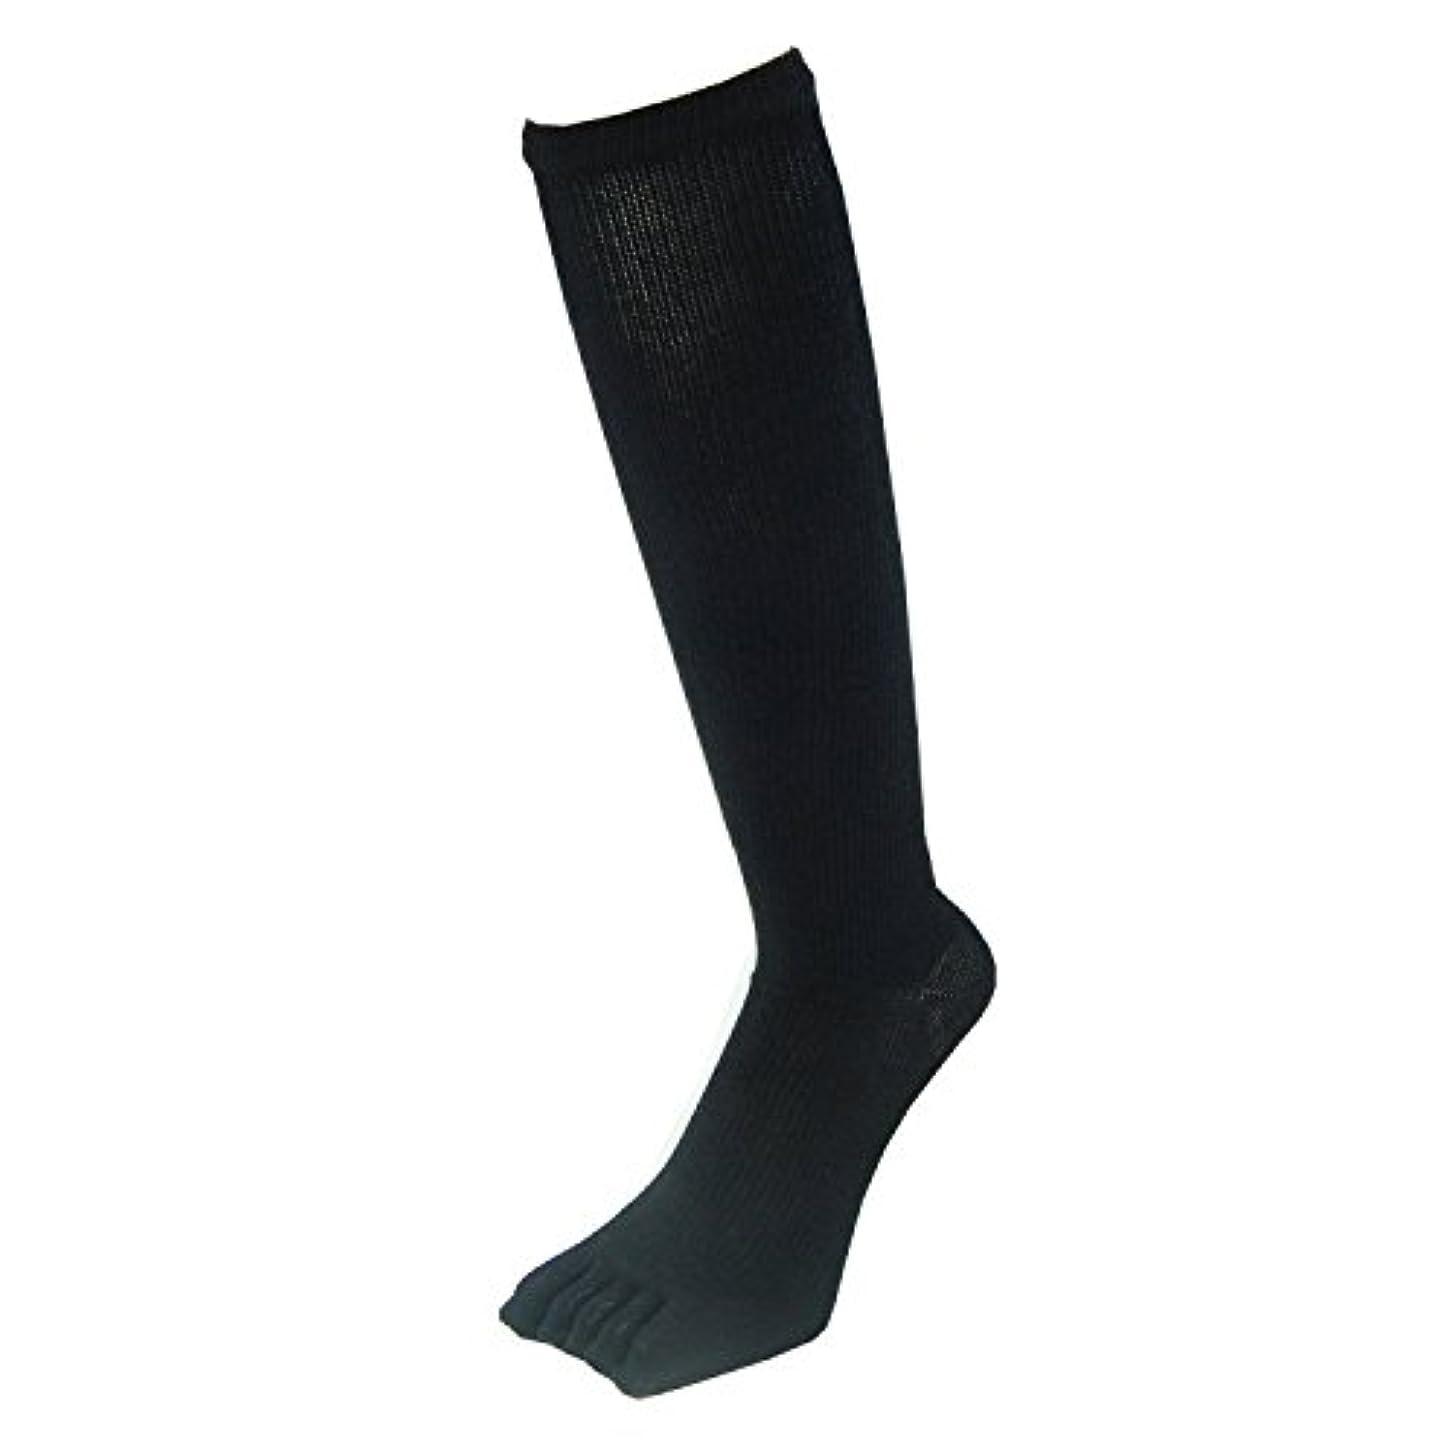 匹敵します淡いもう一度PAX-ASIAN 紳士?メンズ 五本指ハイソックス 着圧靴下 ムクミ解消 抗菌防臭 サポート 黒色?ブラック 3足組 #801